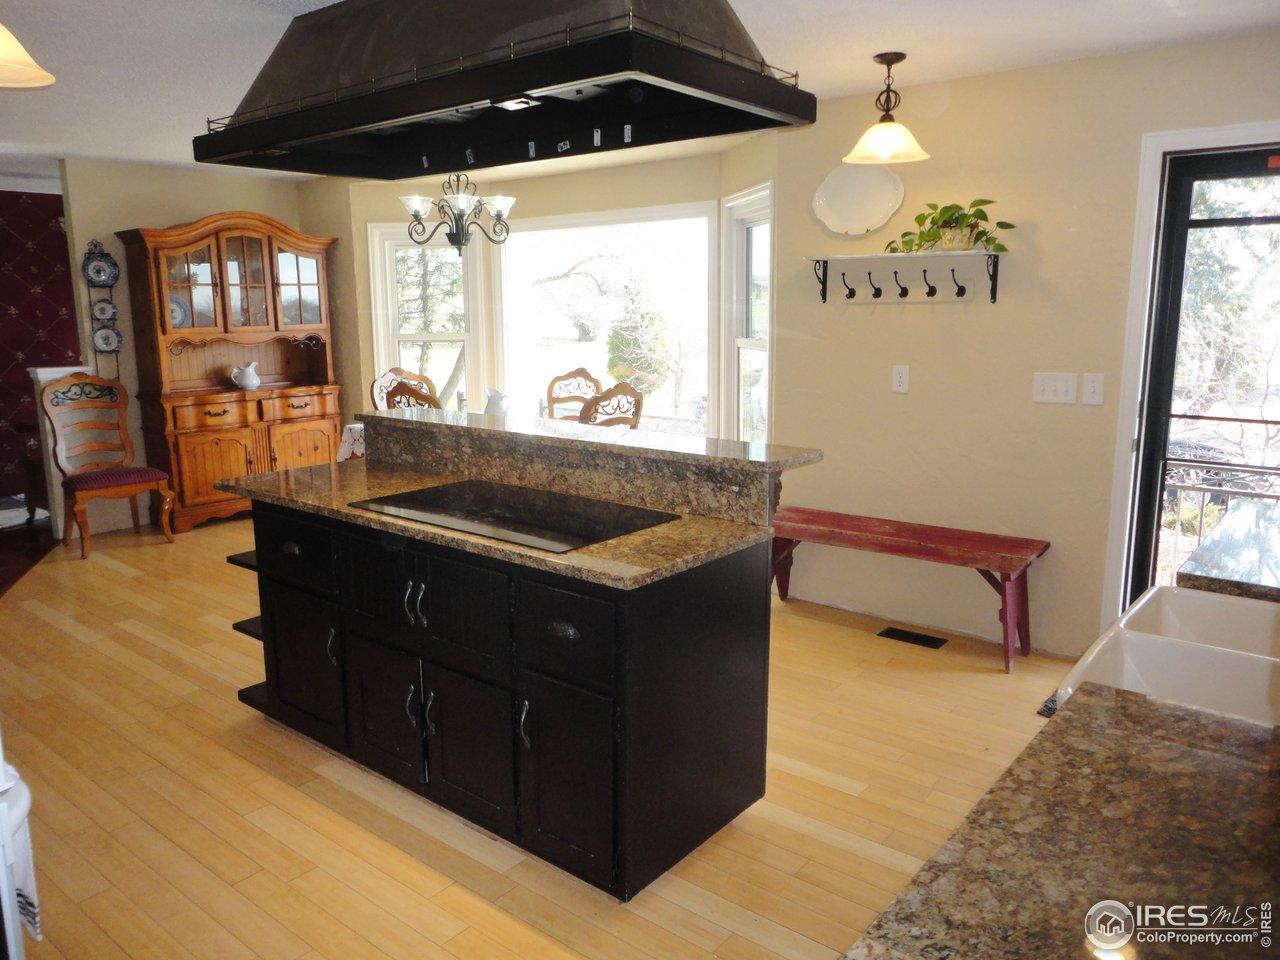 Kitchen Island with Breakfast Bar & Built-in Range